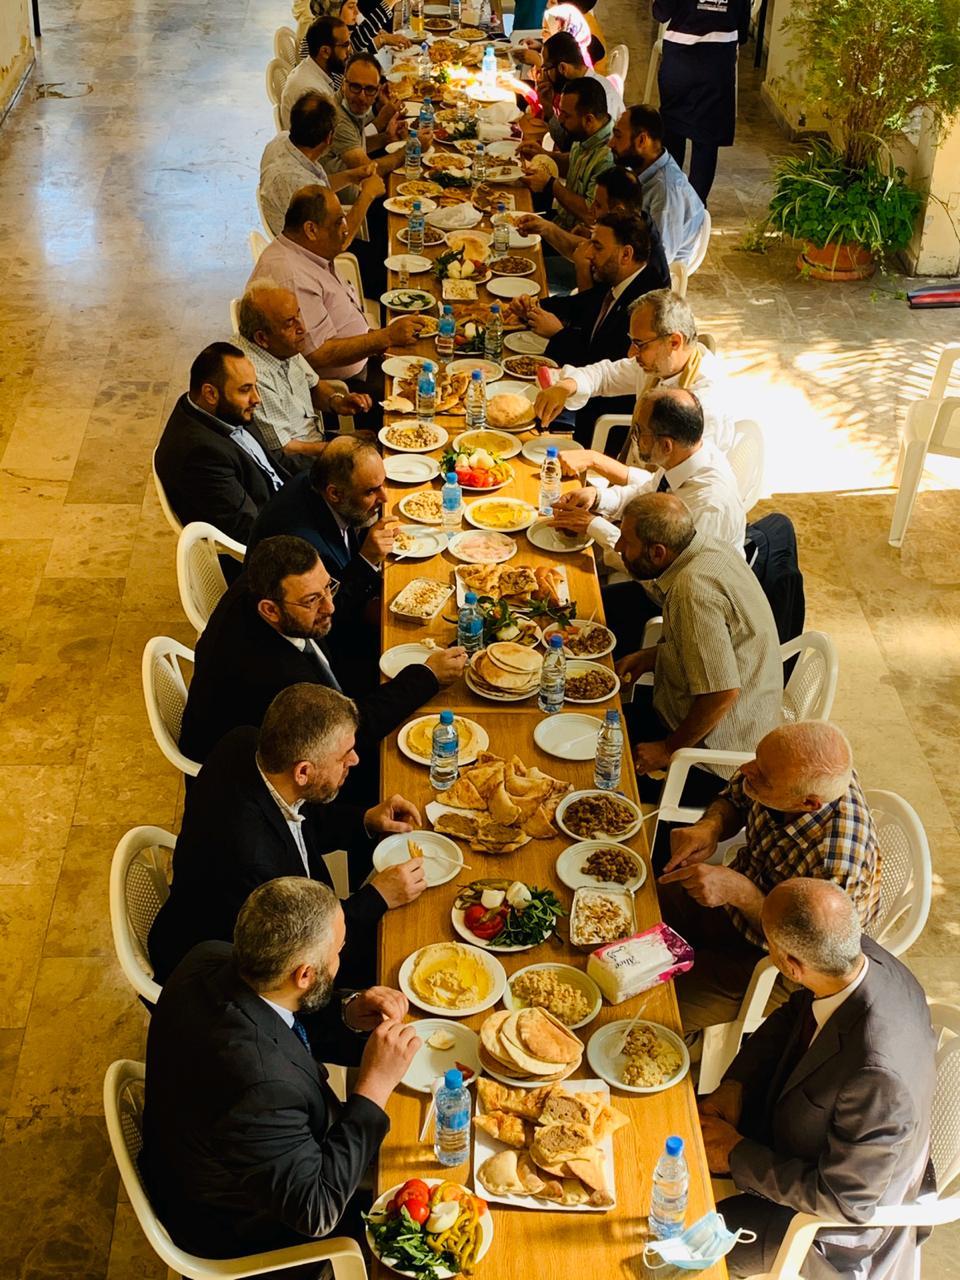 جامعة طرابلس تقيم لقاءً وفطوراً صباحياً لأساتذتها   (2/2)